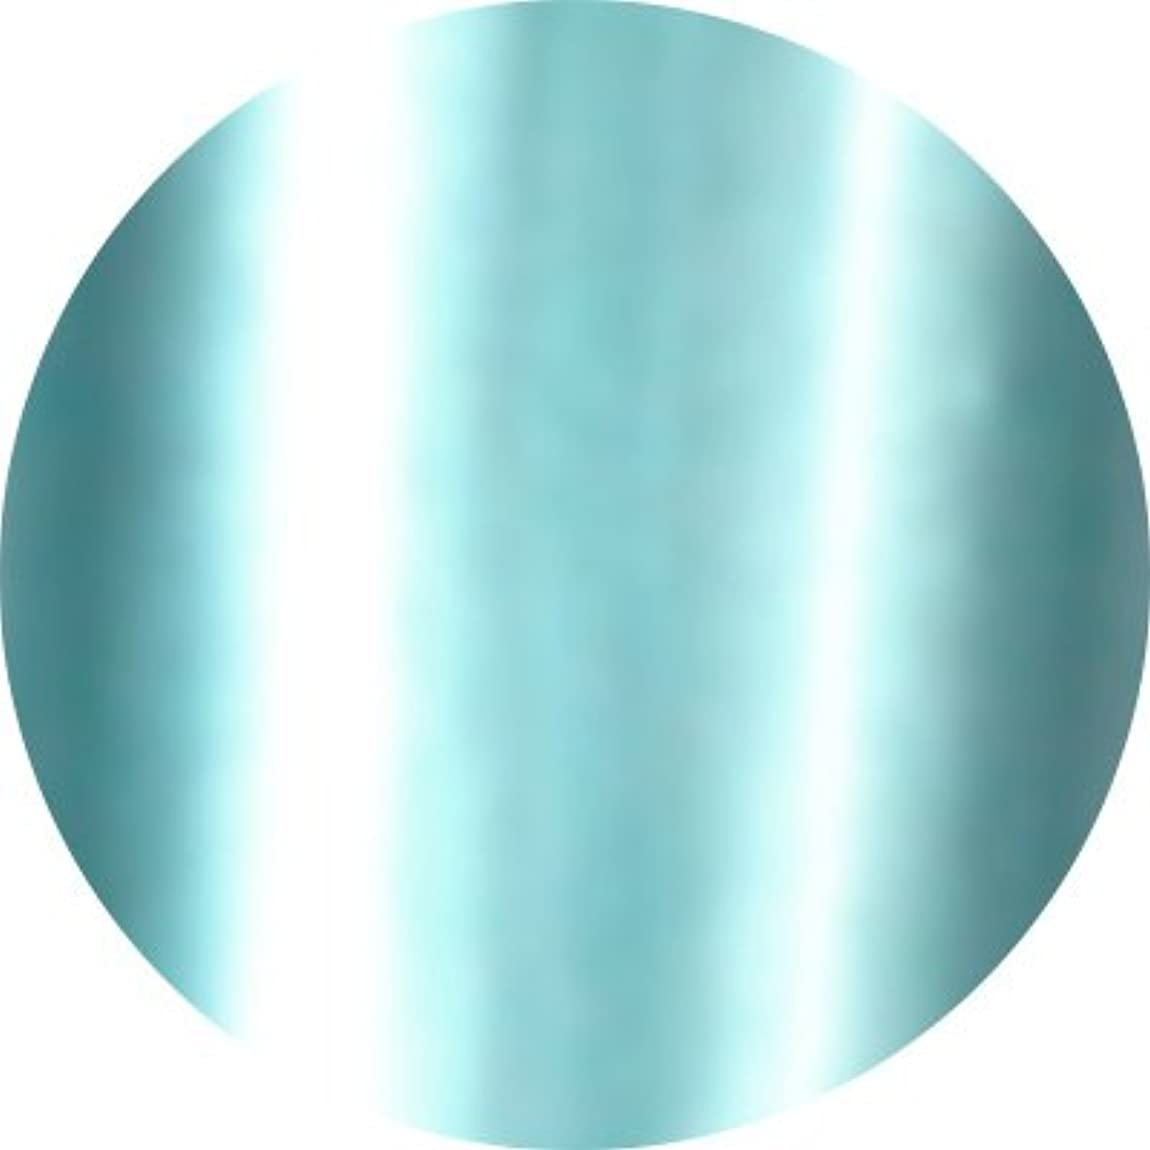 Jewelry jel(ジュエリージェル) カラージェル 5ml<BR>メタリック MT014